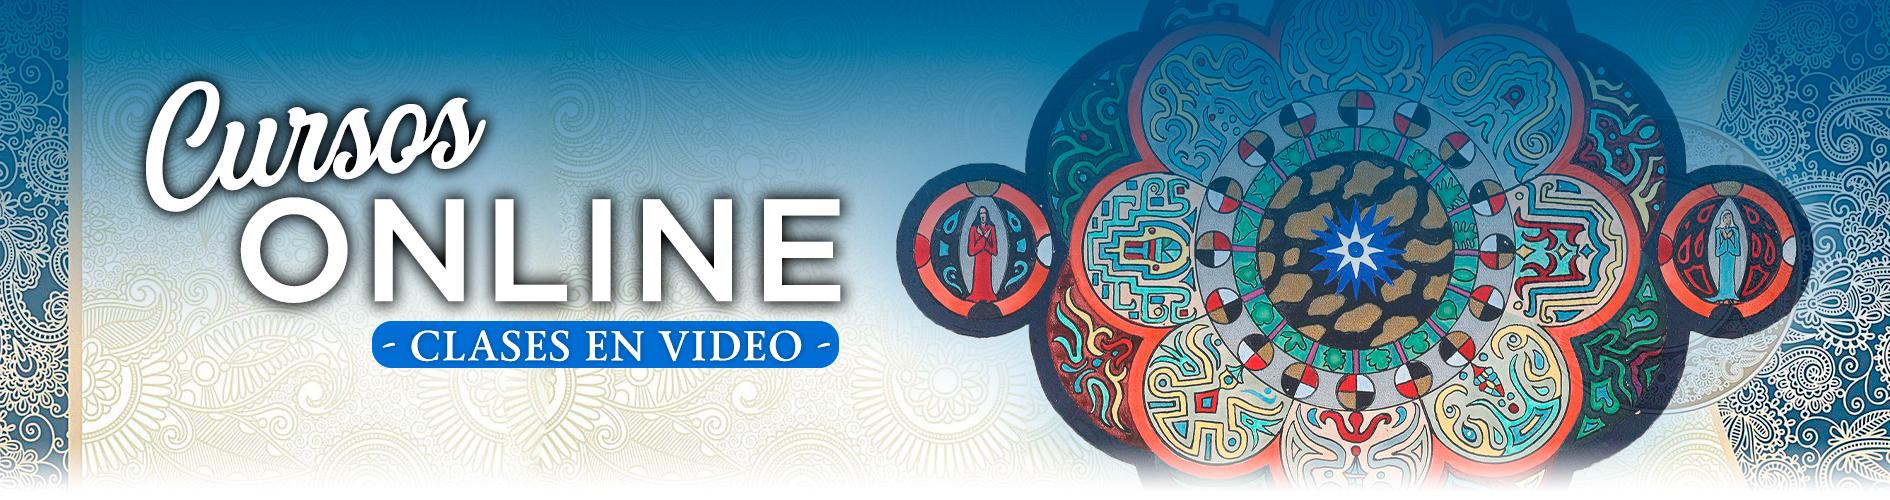 cursos_online_nuevo2